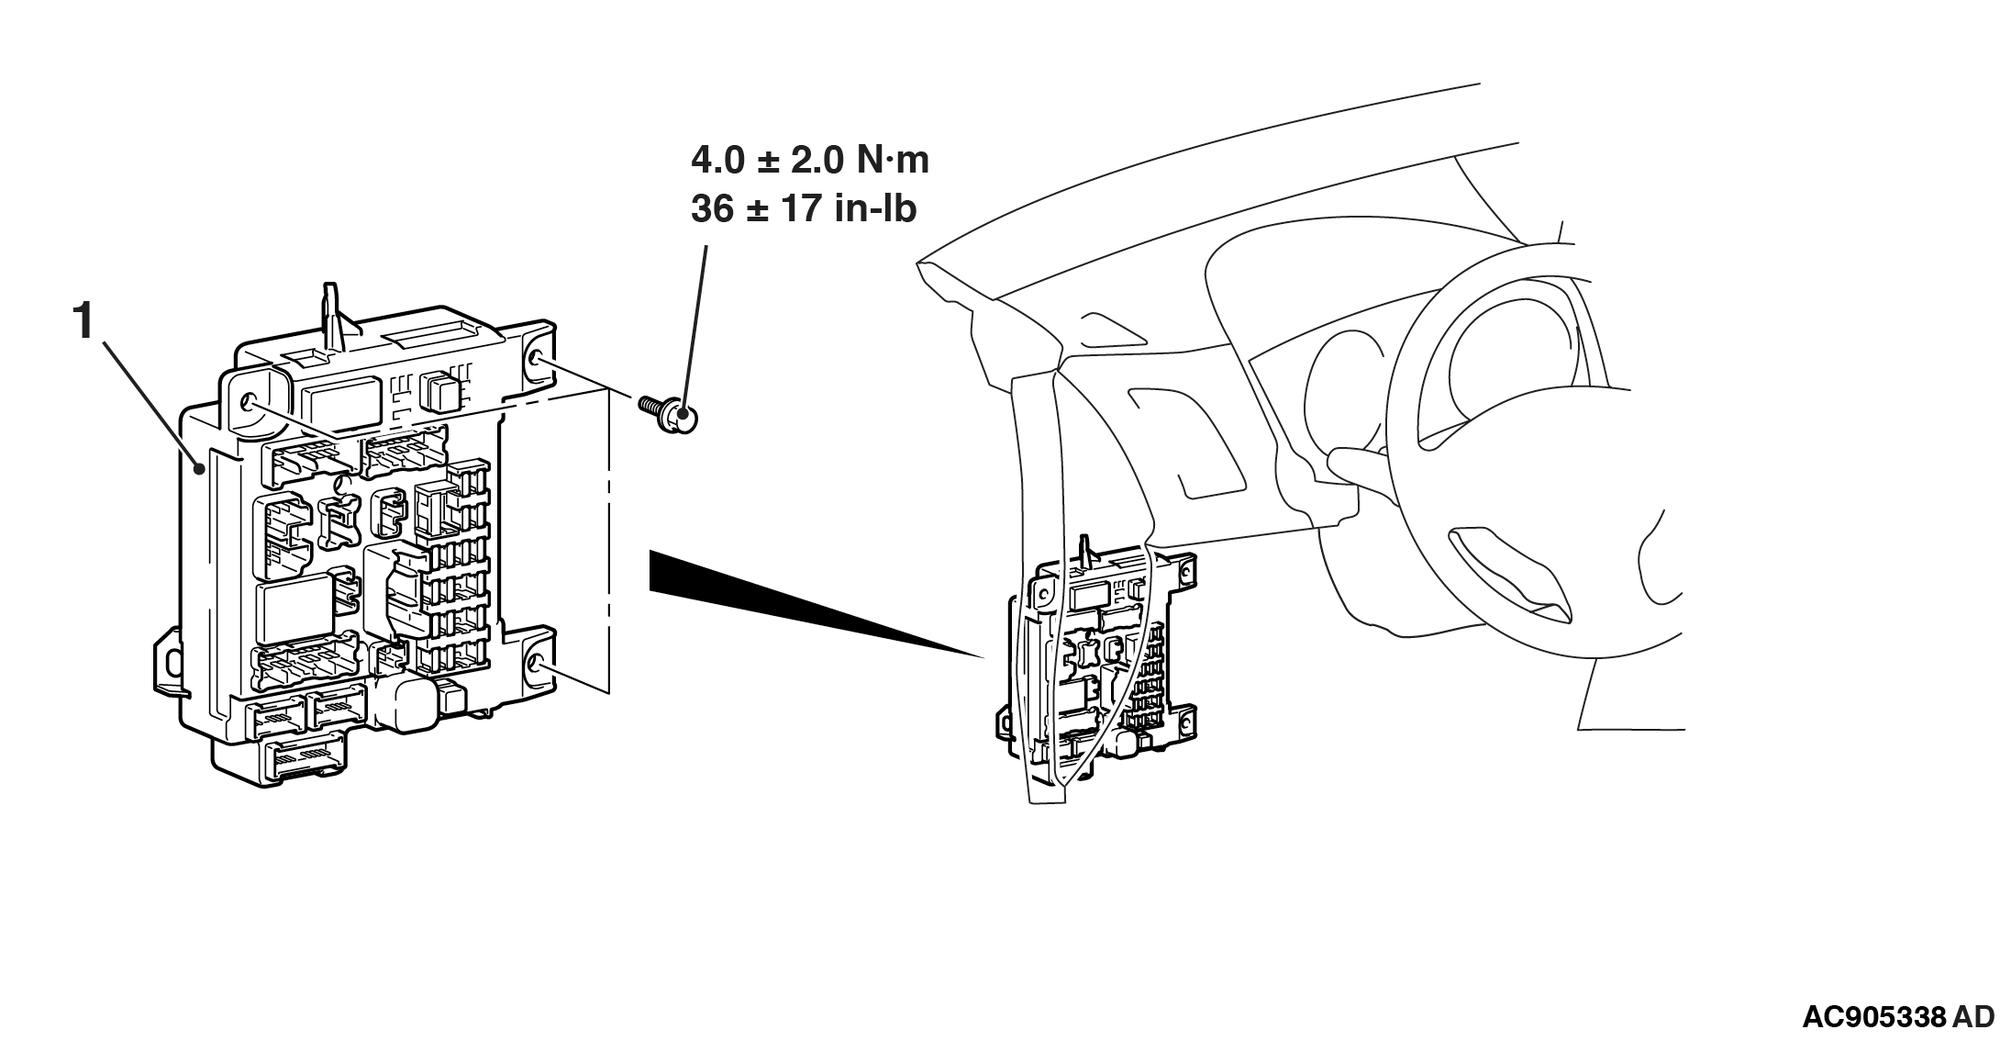 2014 Outlander Sport No-Start/Fuel Pump Wiring